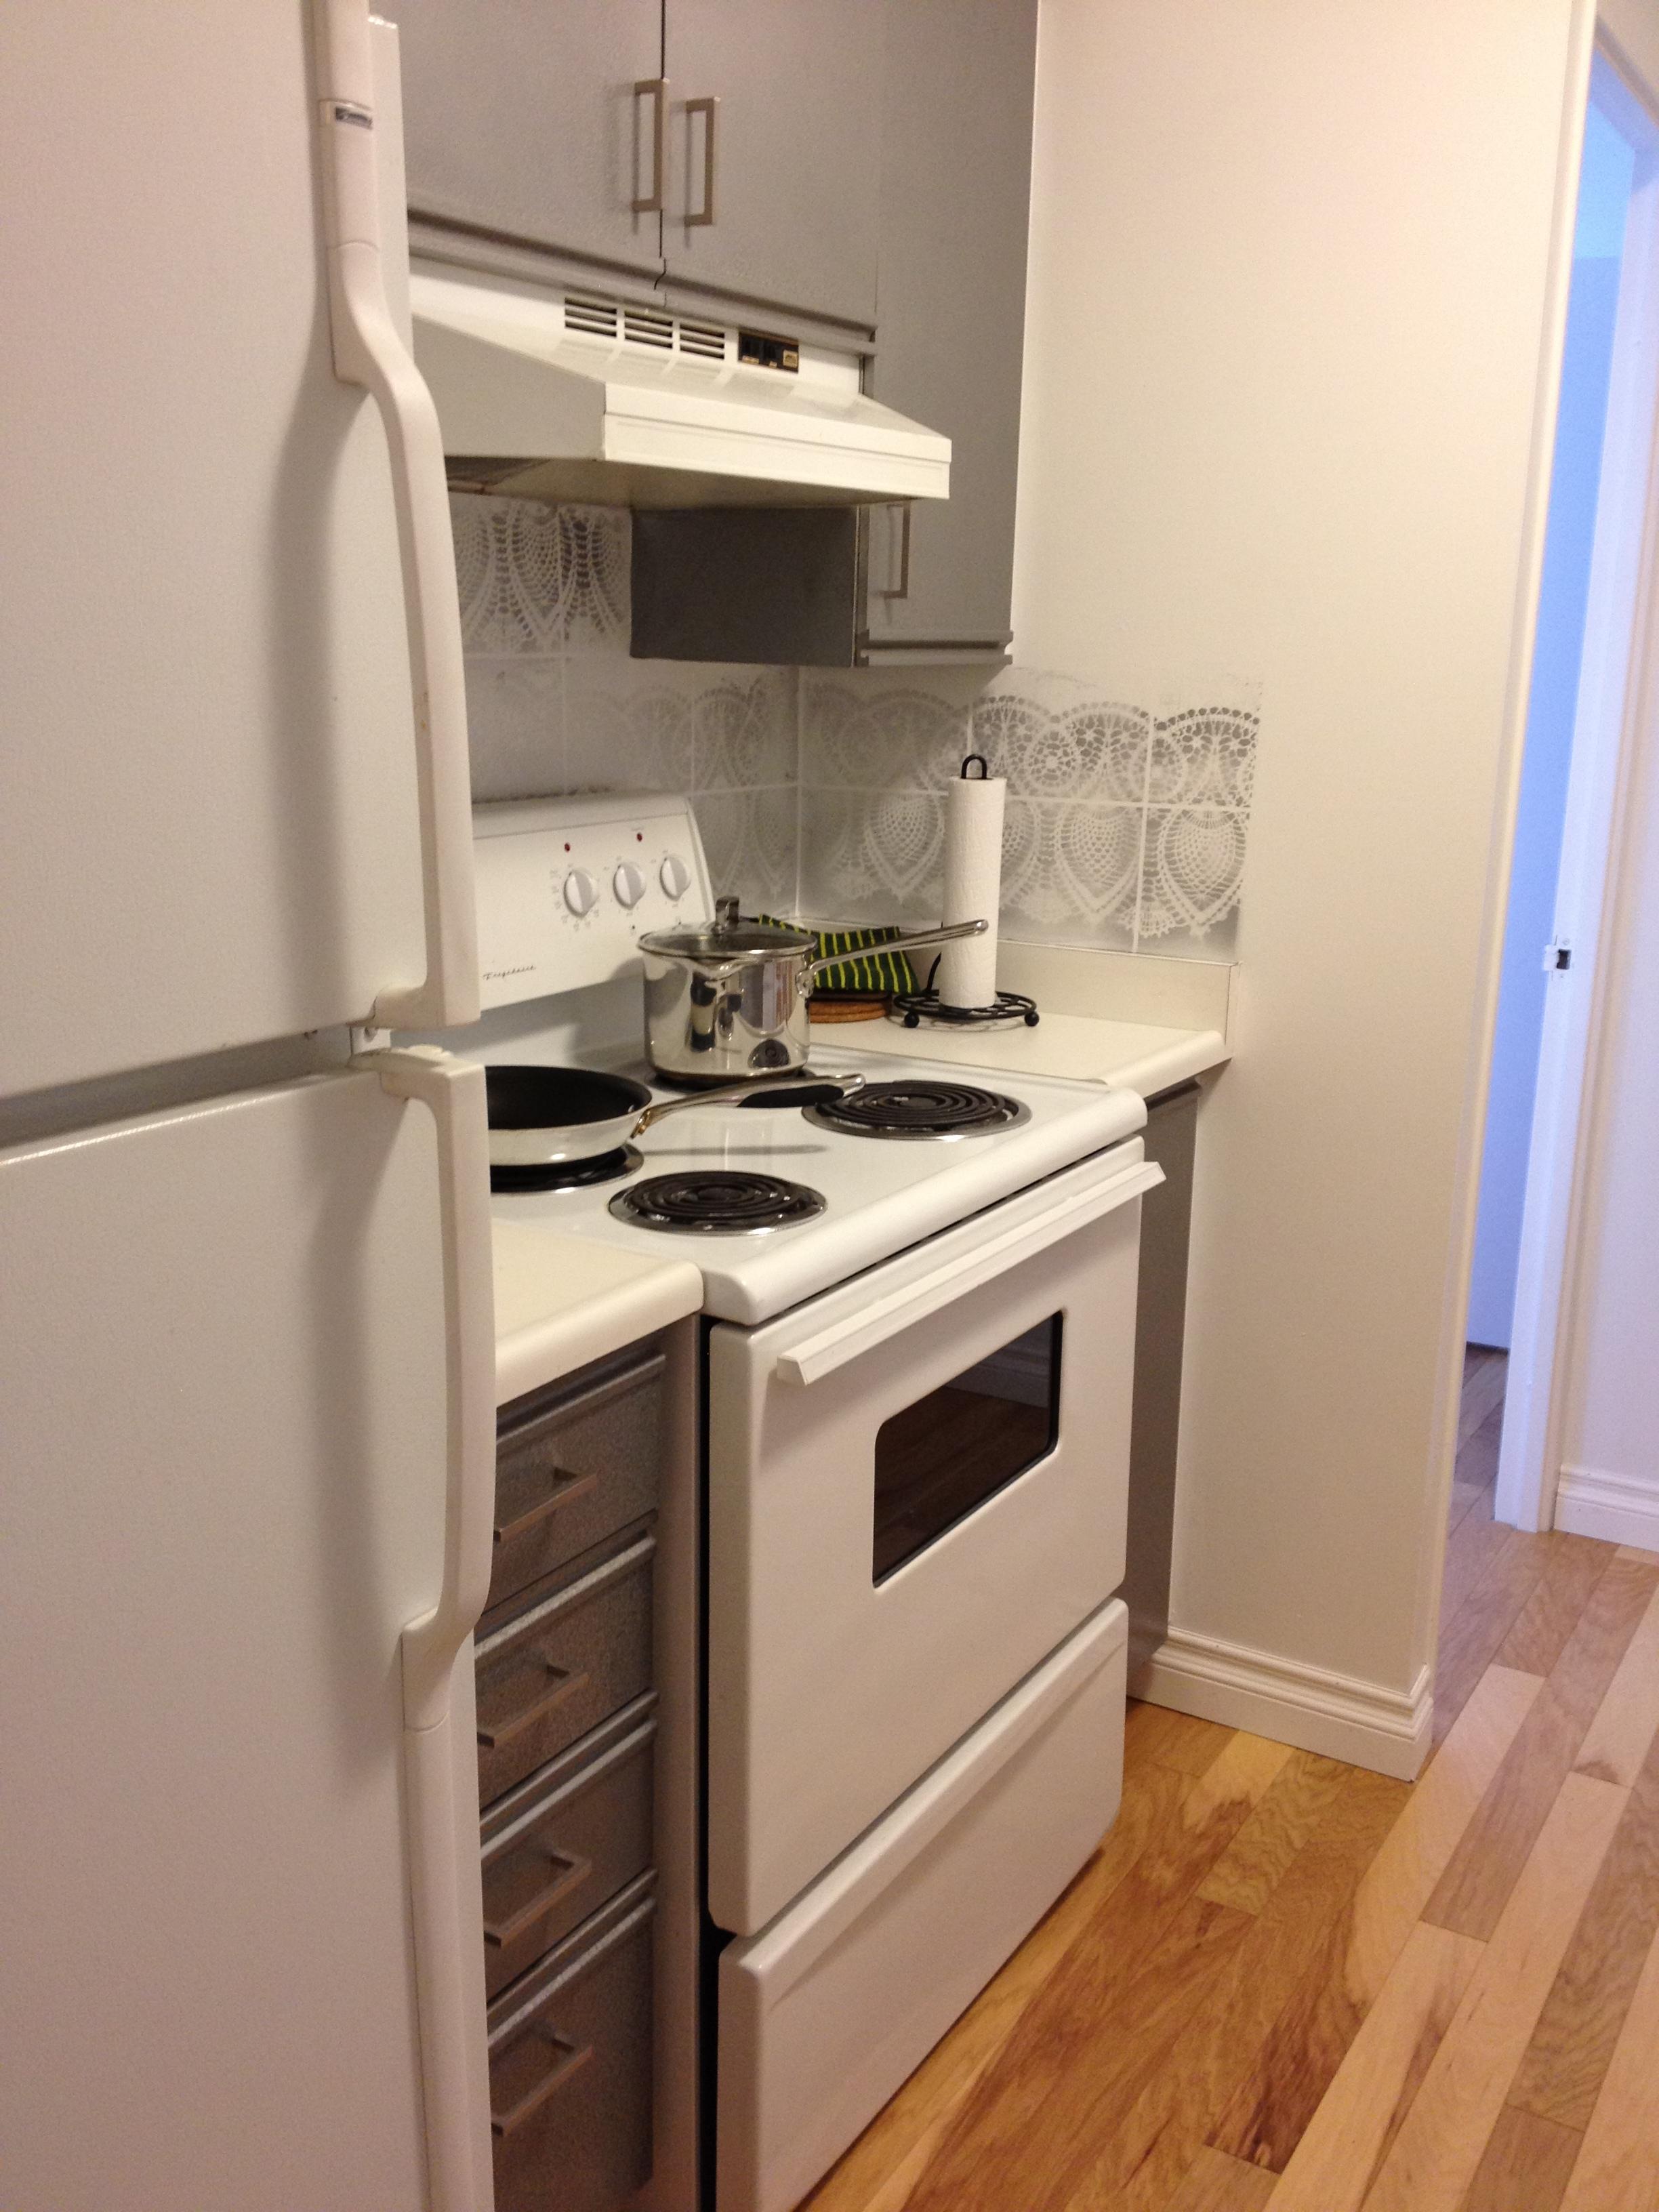 condo kitchen before 2.JPG